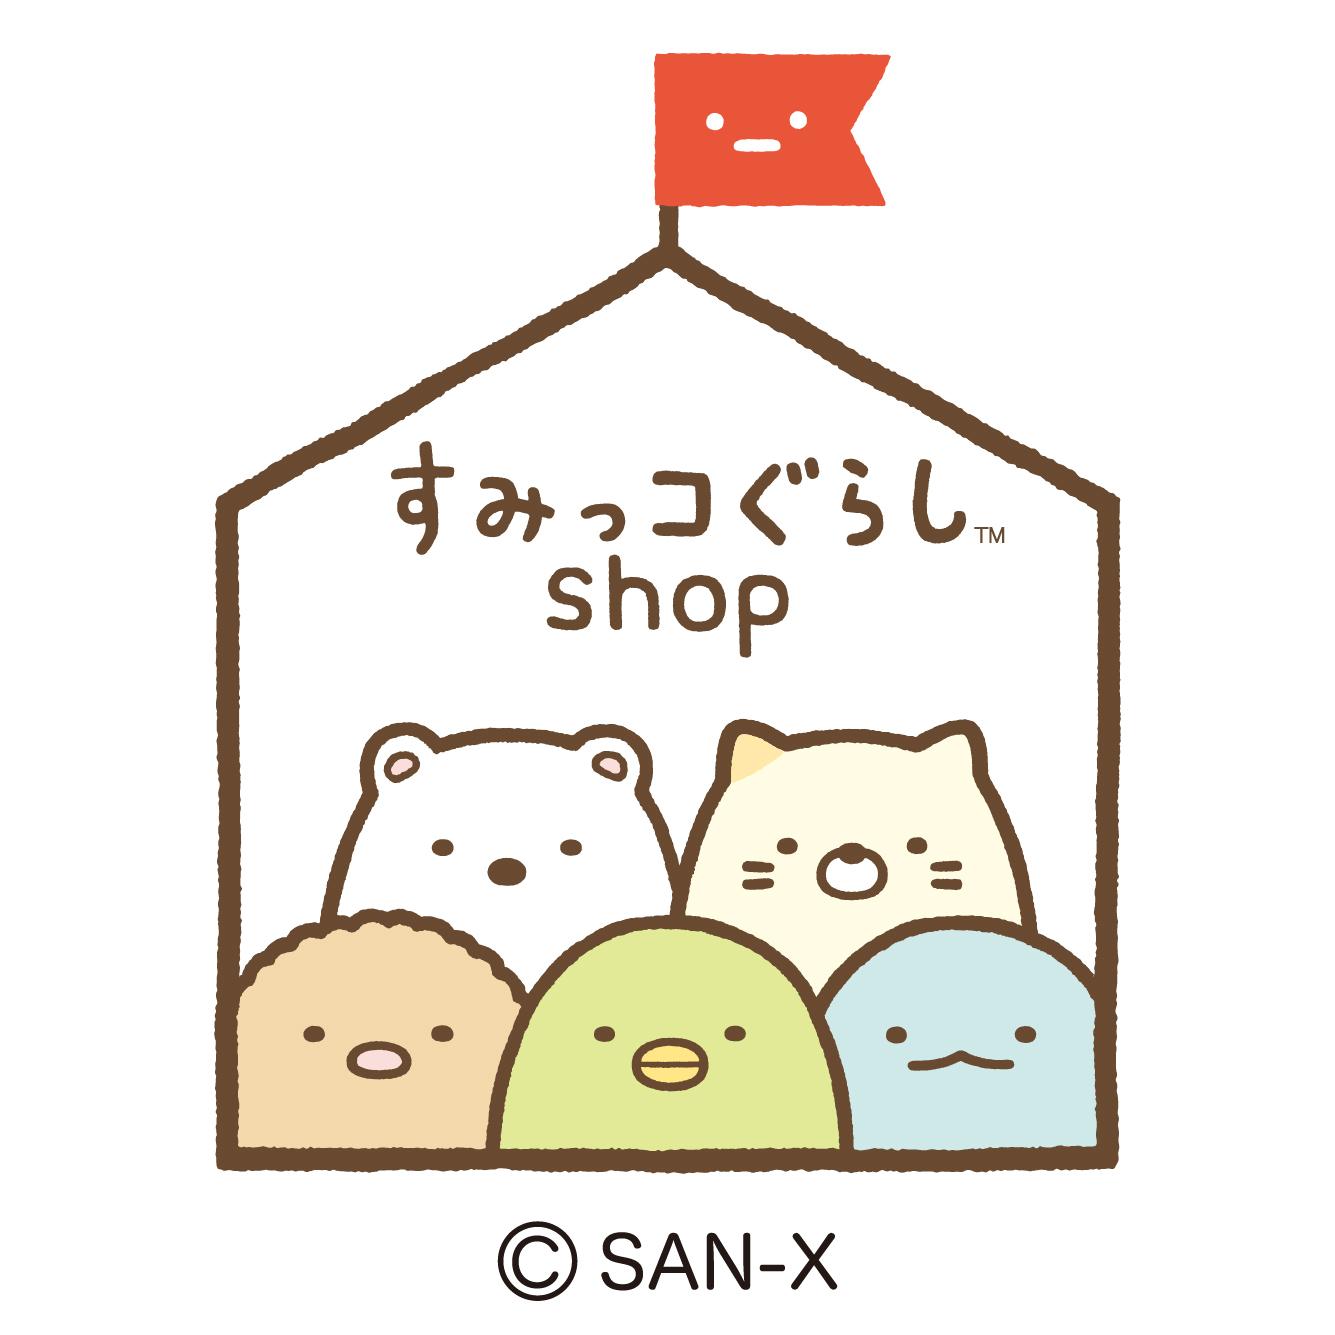 【8月14日(土)】先着入場チケット すみっコぐらしショップ東京駅店